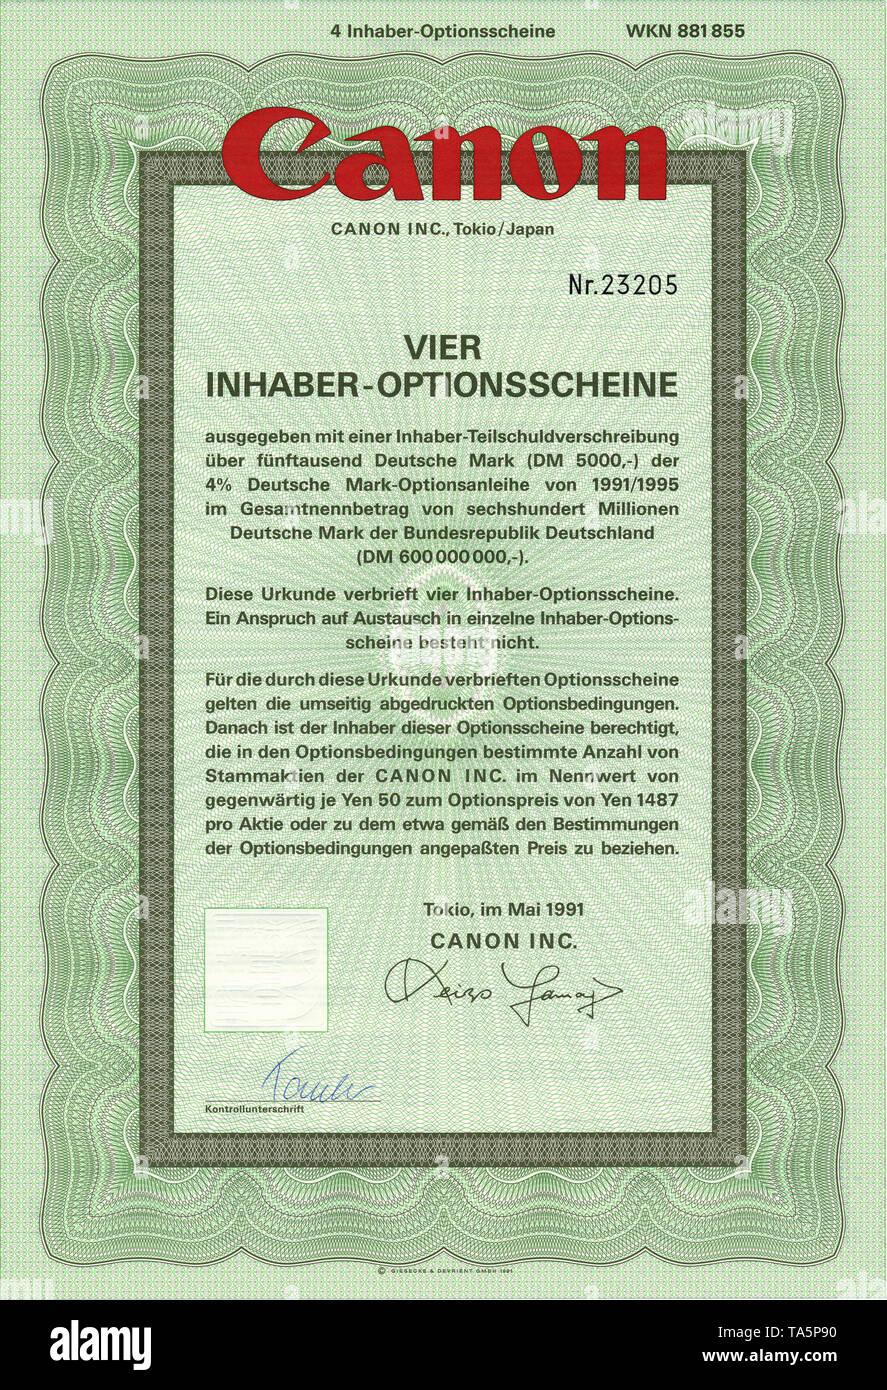 Historic stock certificate, Securities certificate, bearer warrant, Germany, Wertpapier, Inhaber-Optionsschein, japanische Yen, Deutsche Mark, Kamerahersteller, Canon Inc., 1991, Tokio, Japan, Asien - Stock Image